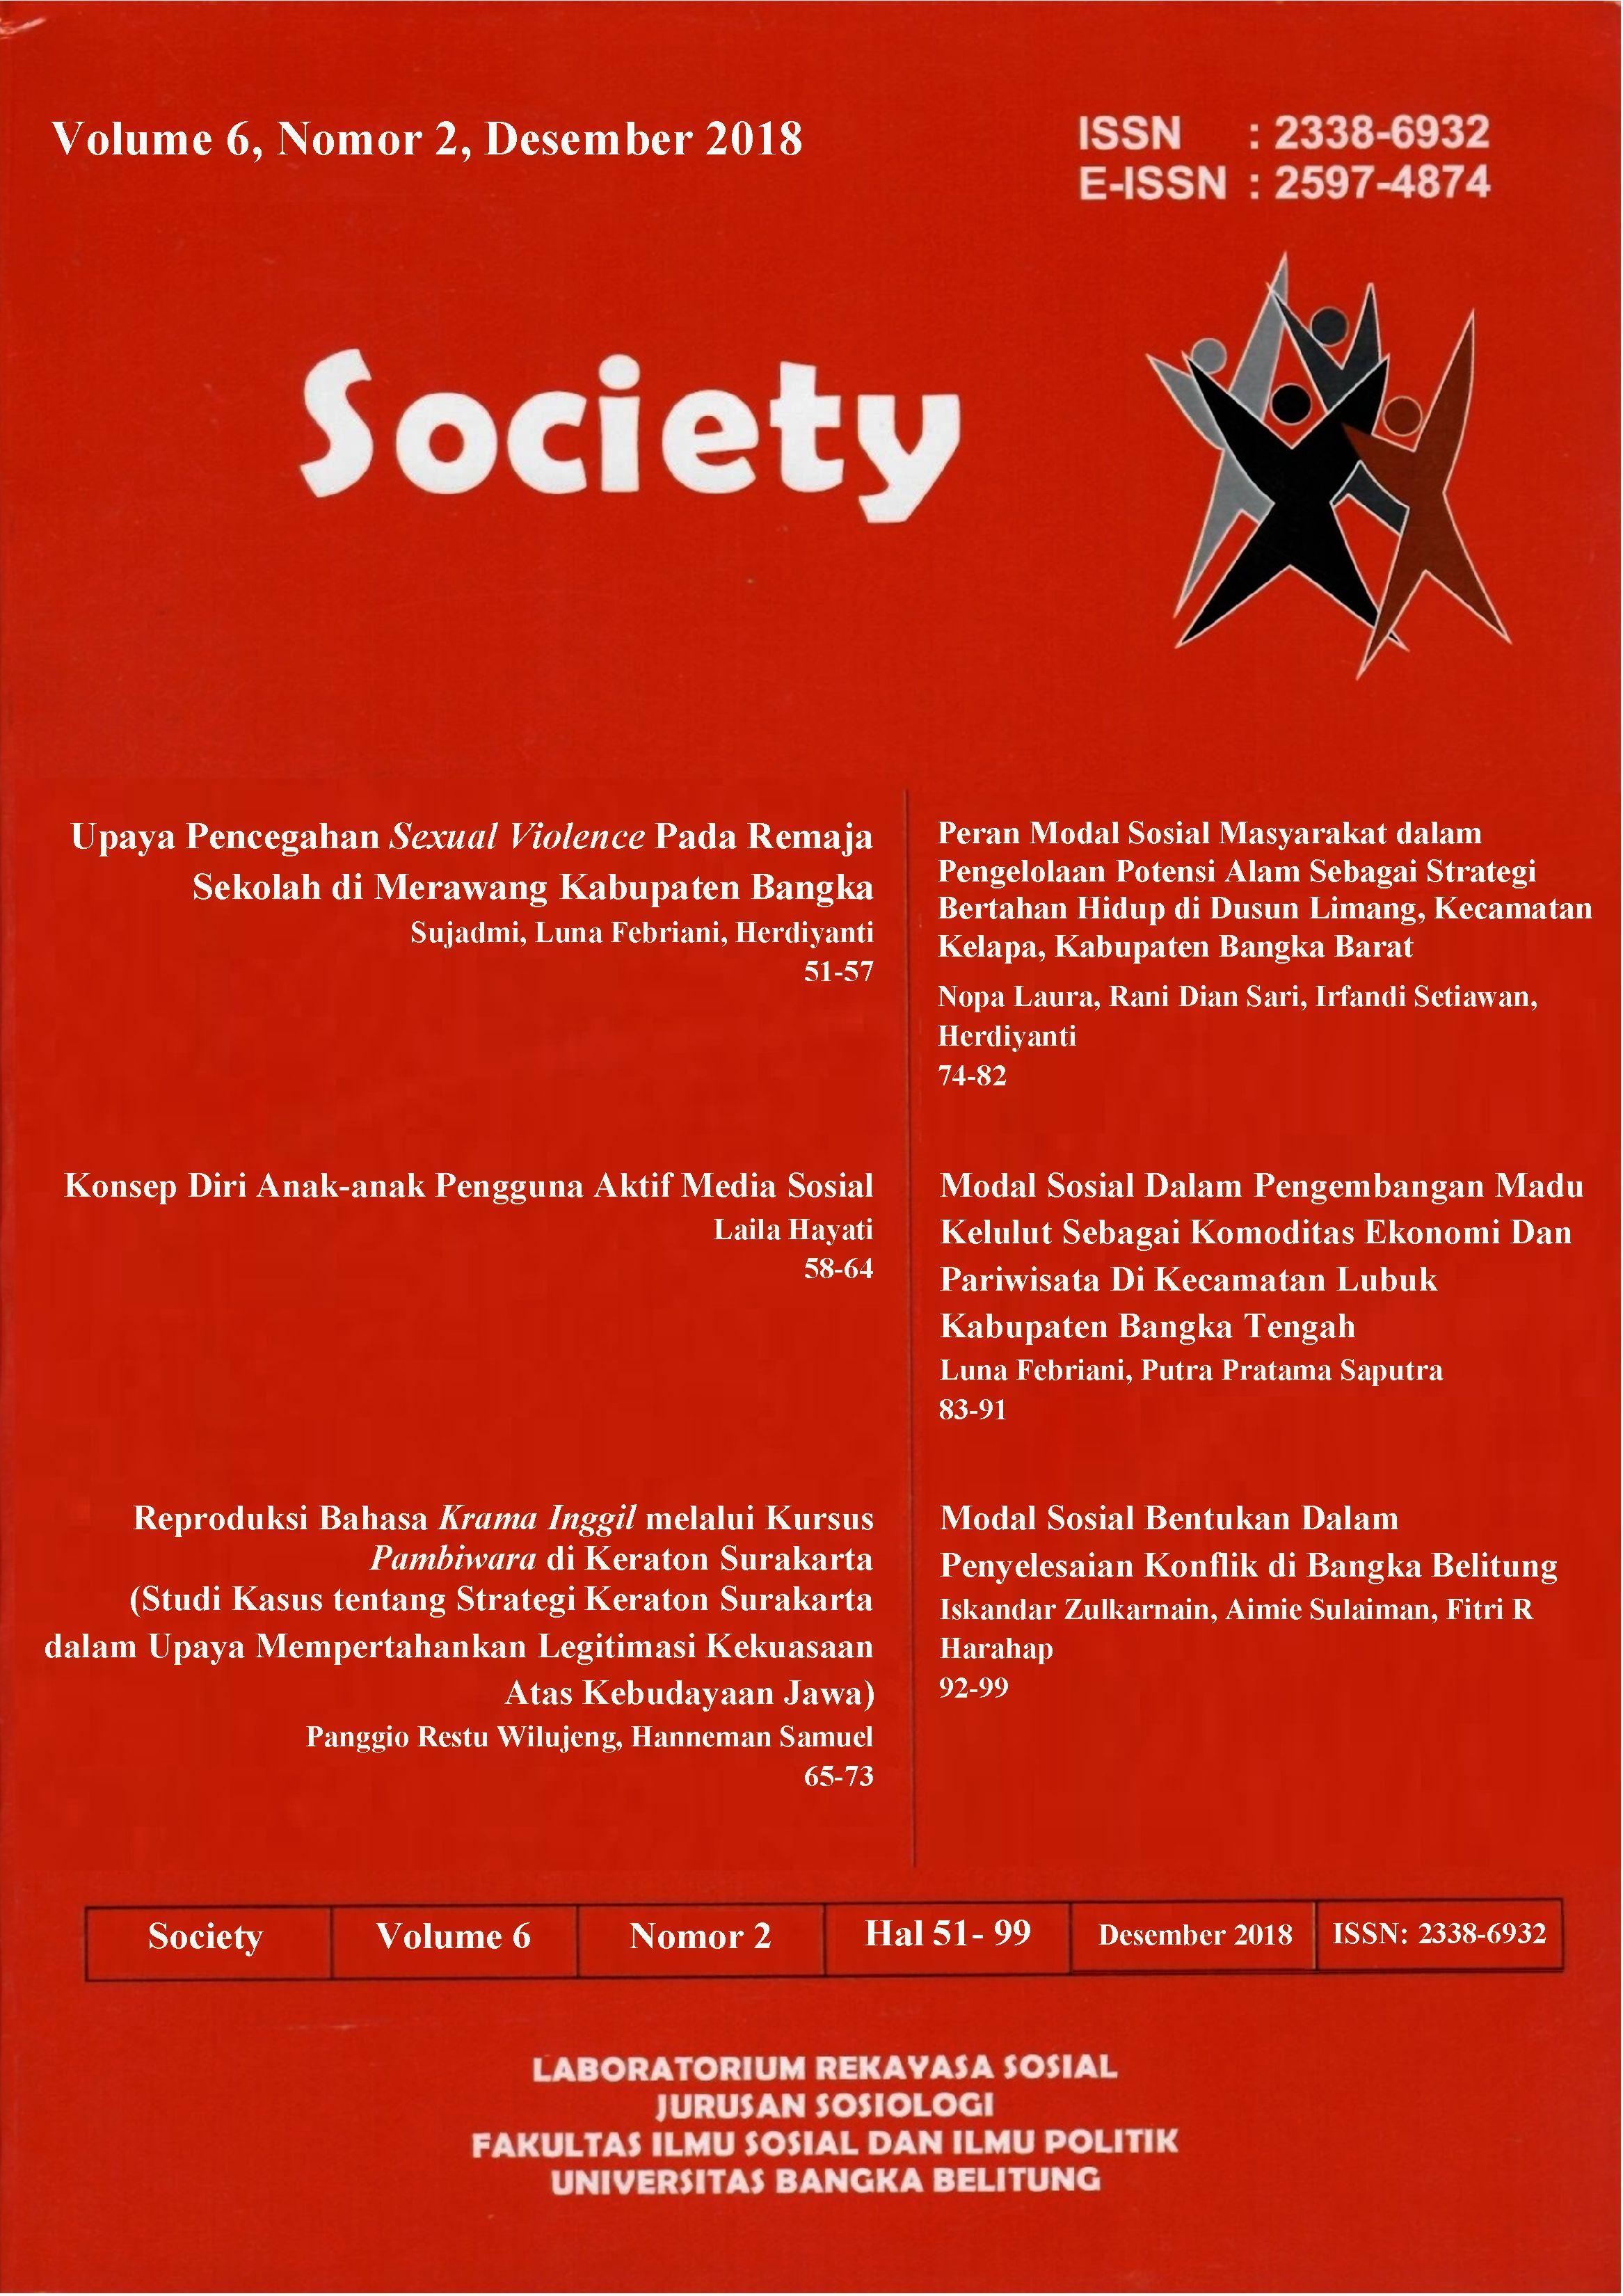 Jurnal Society Volume 6 Nomor 2#Desember 2018